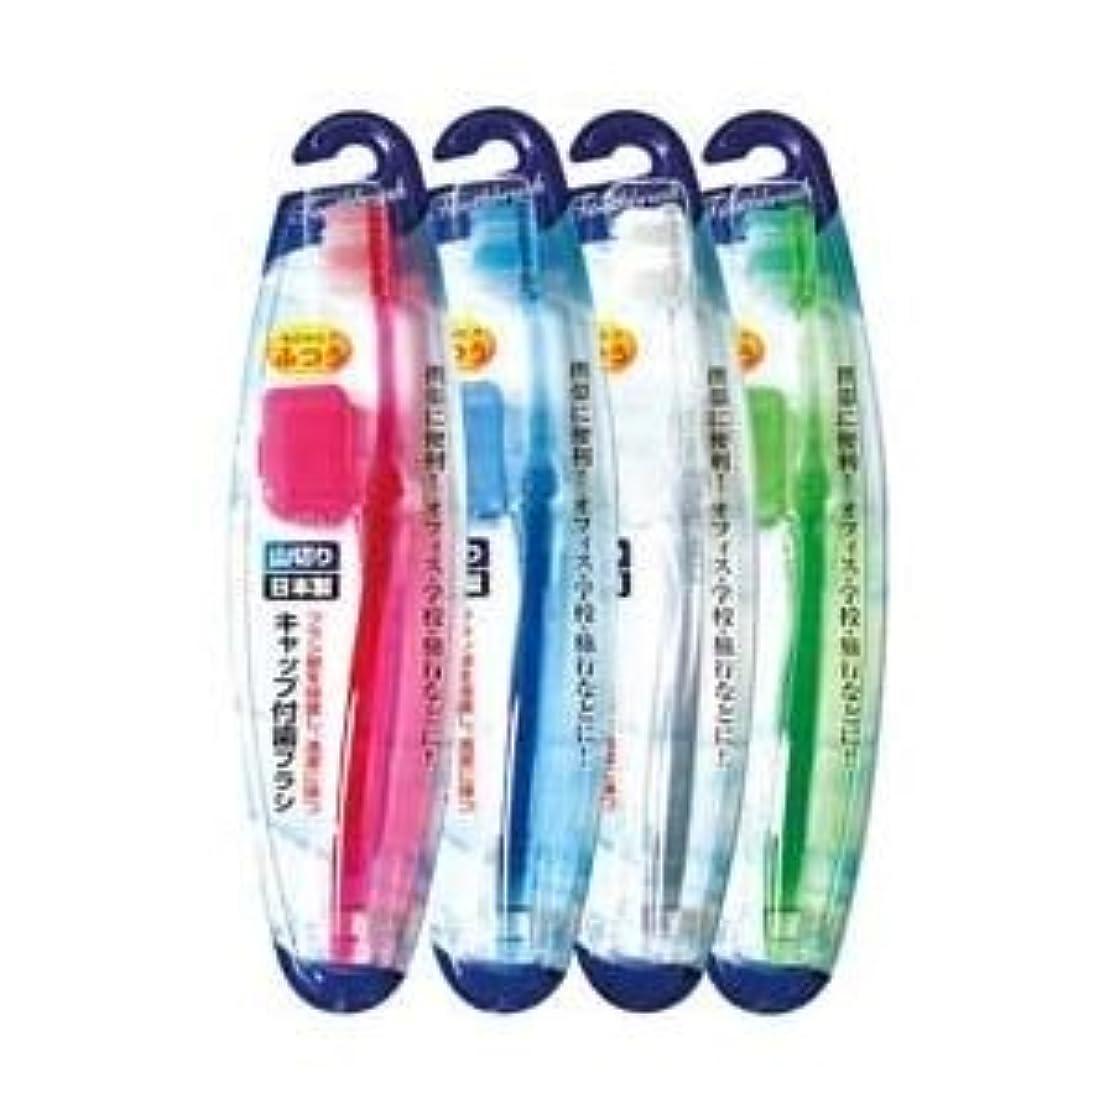 気怠い発言する封筒キャップ付歯ブラシ山切りカット(ふつう)日本製 【12個セット】 41-209